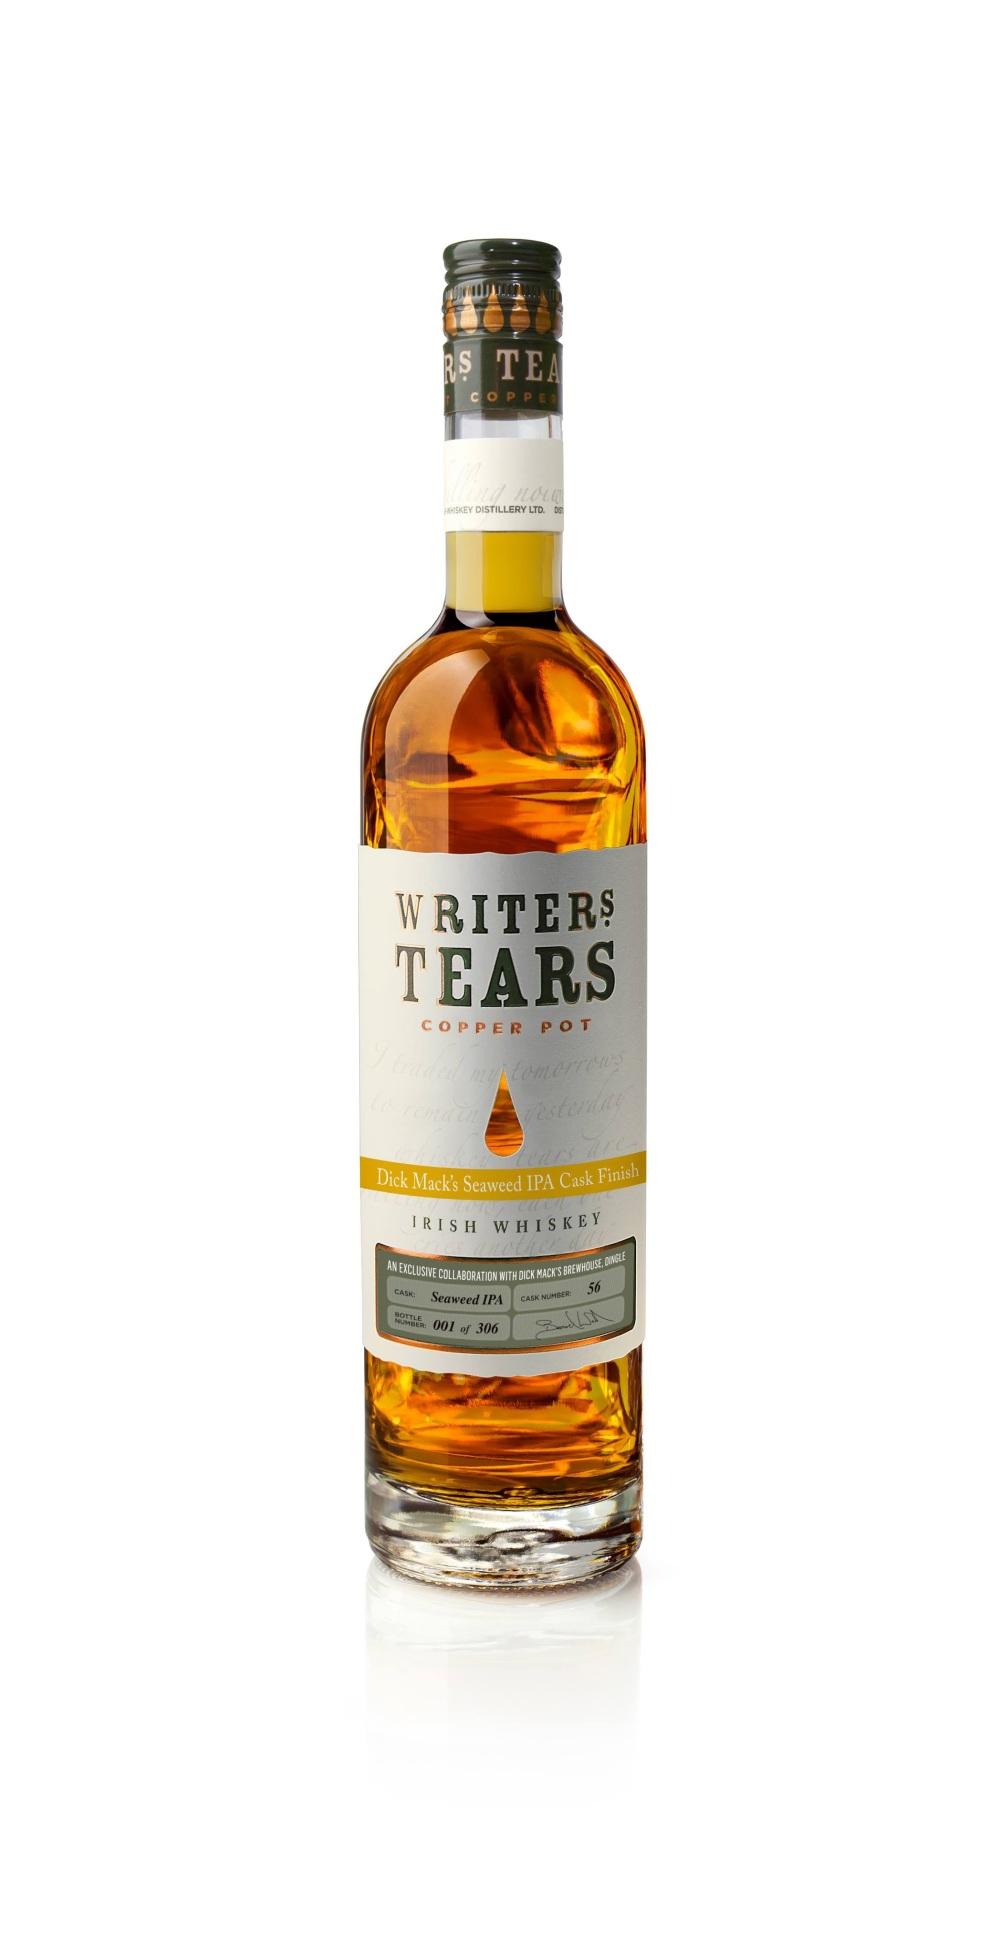 j17152-writers-tears-copper-pot-seaweed-ipa-bottle